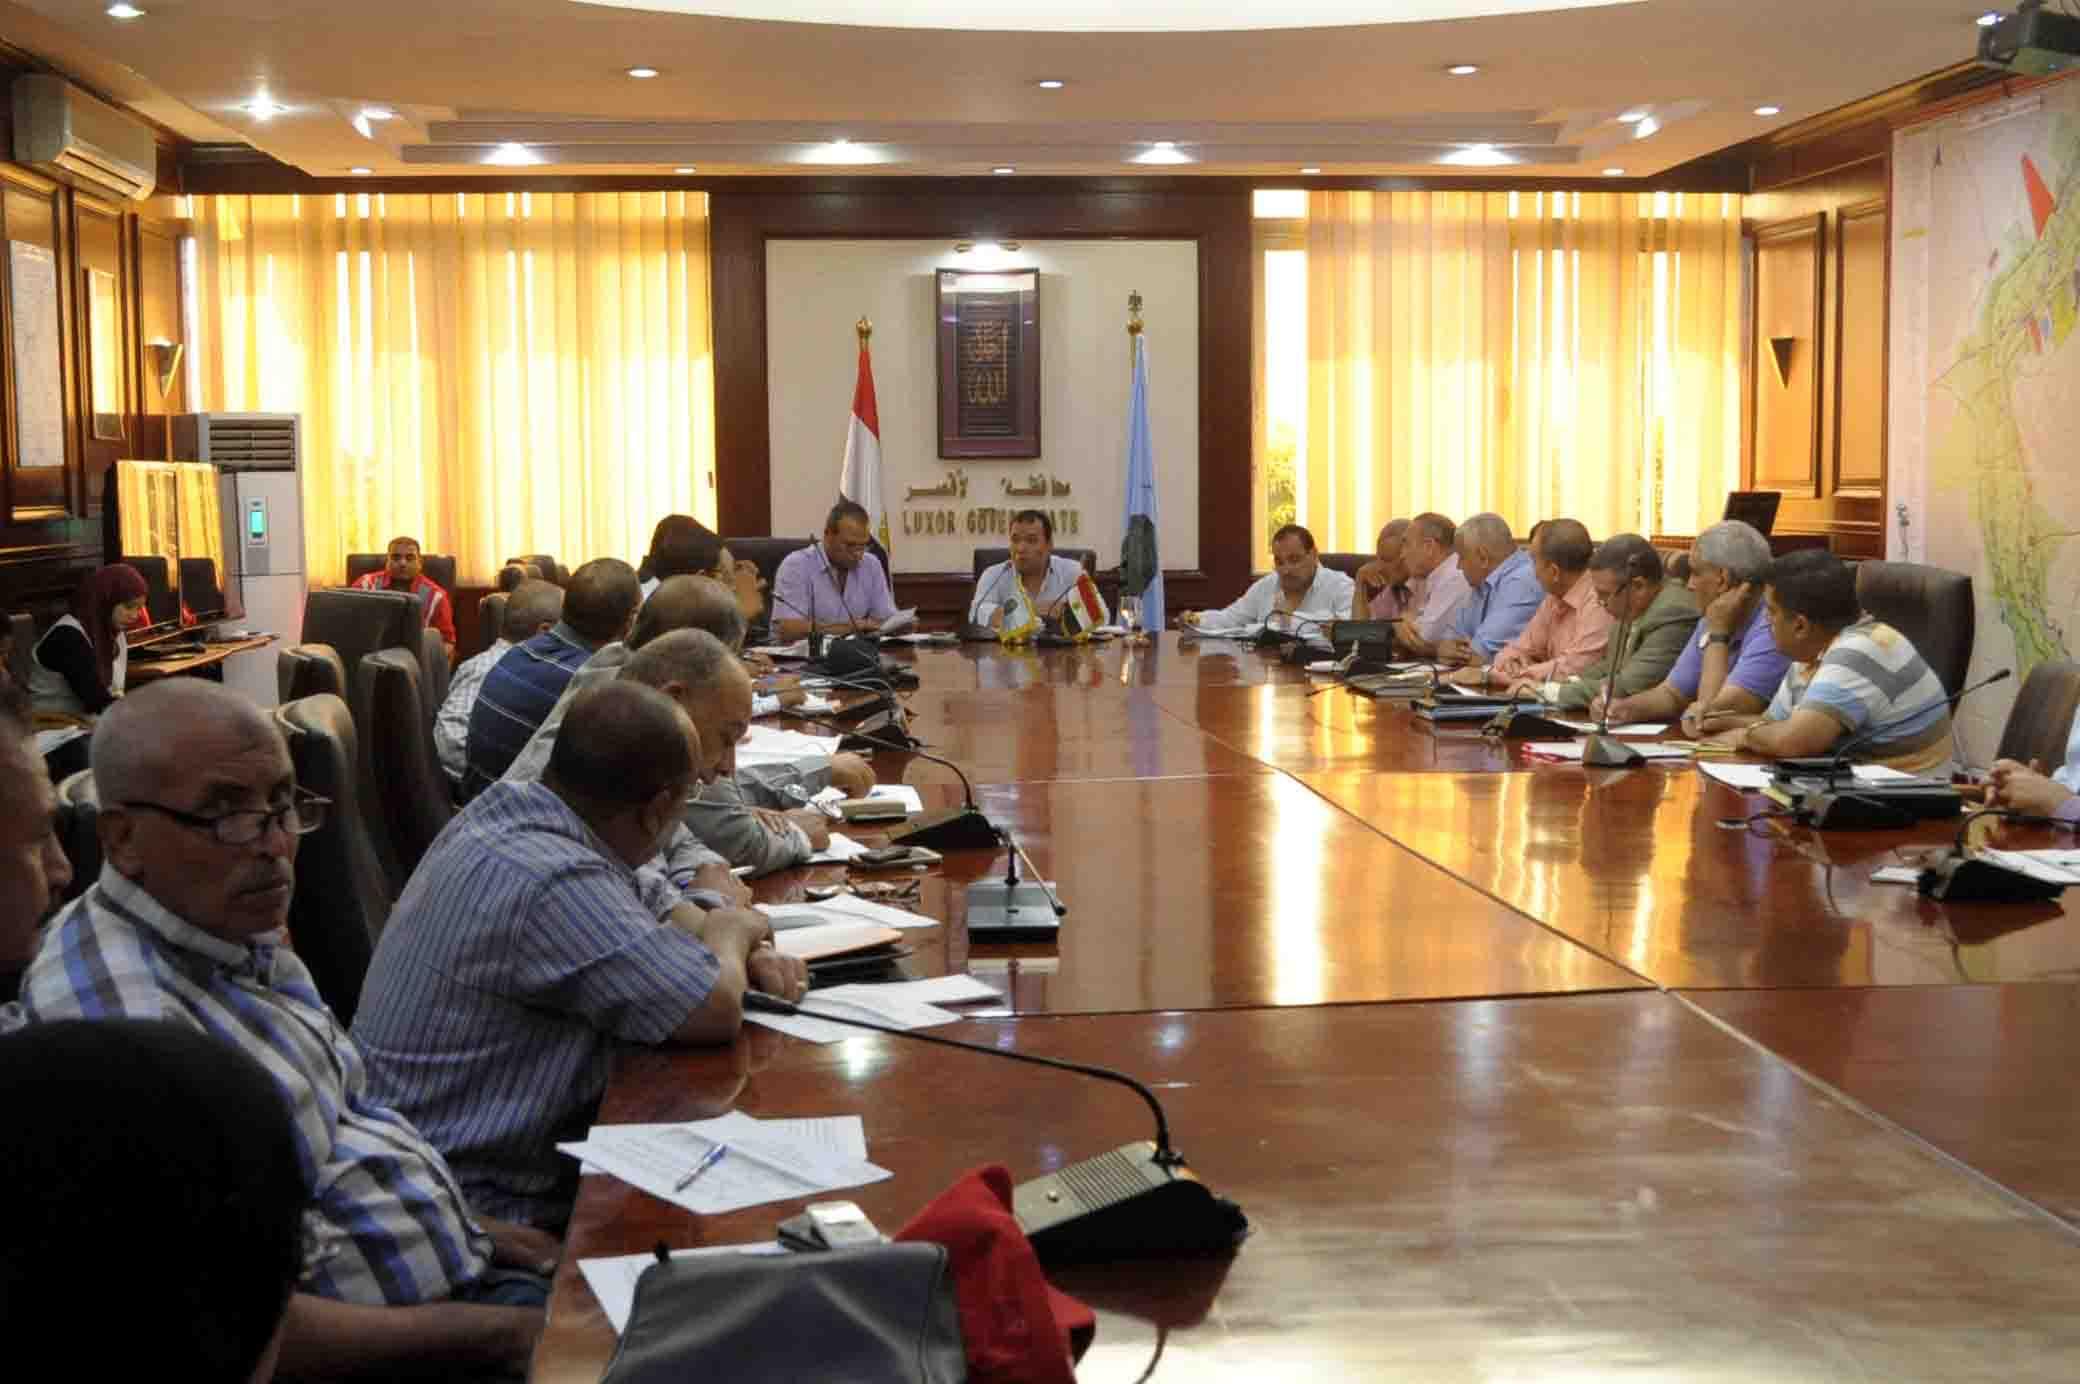 بدر يطالب بتنفيذ قرارات مجلس الوزراء بلقاء المجلس التنفيذي